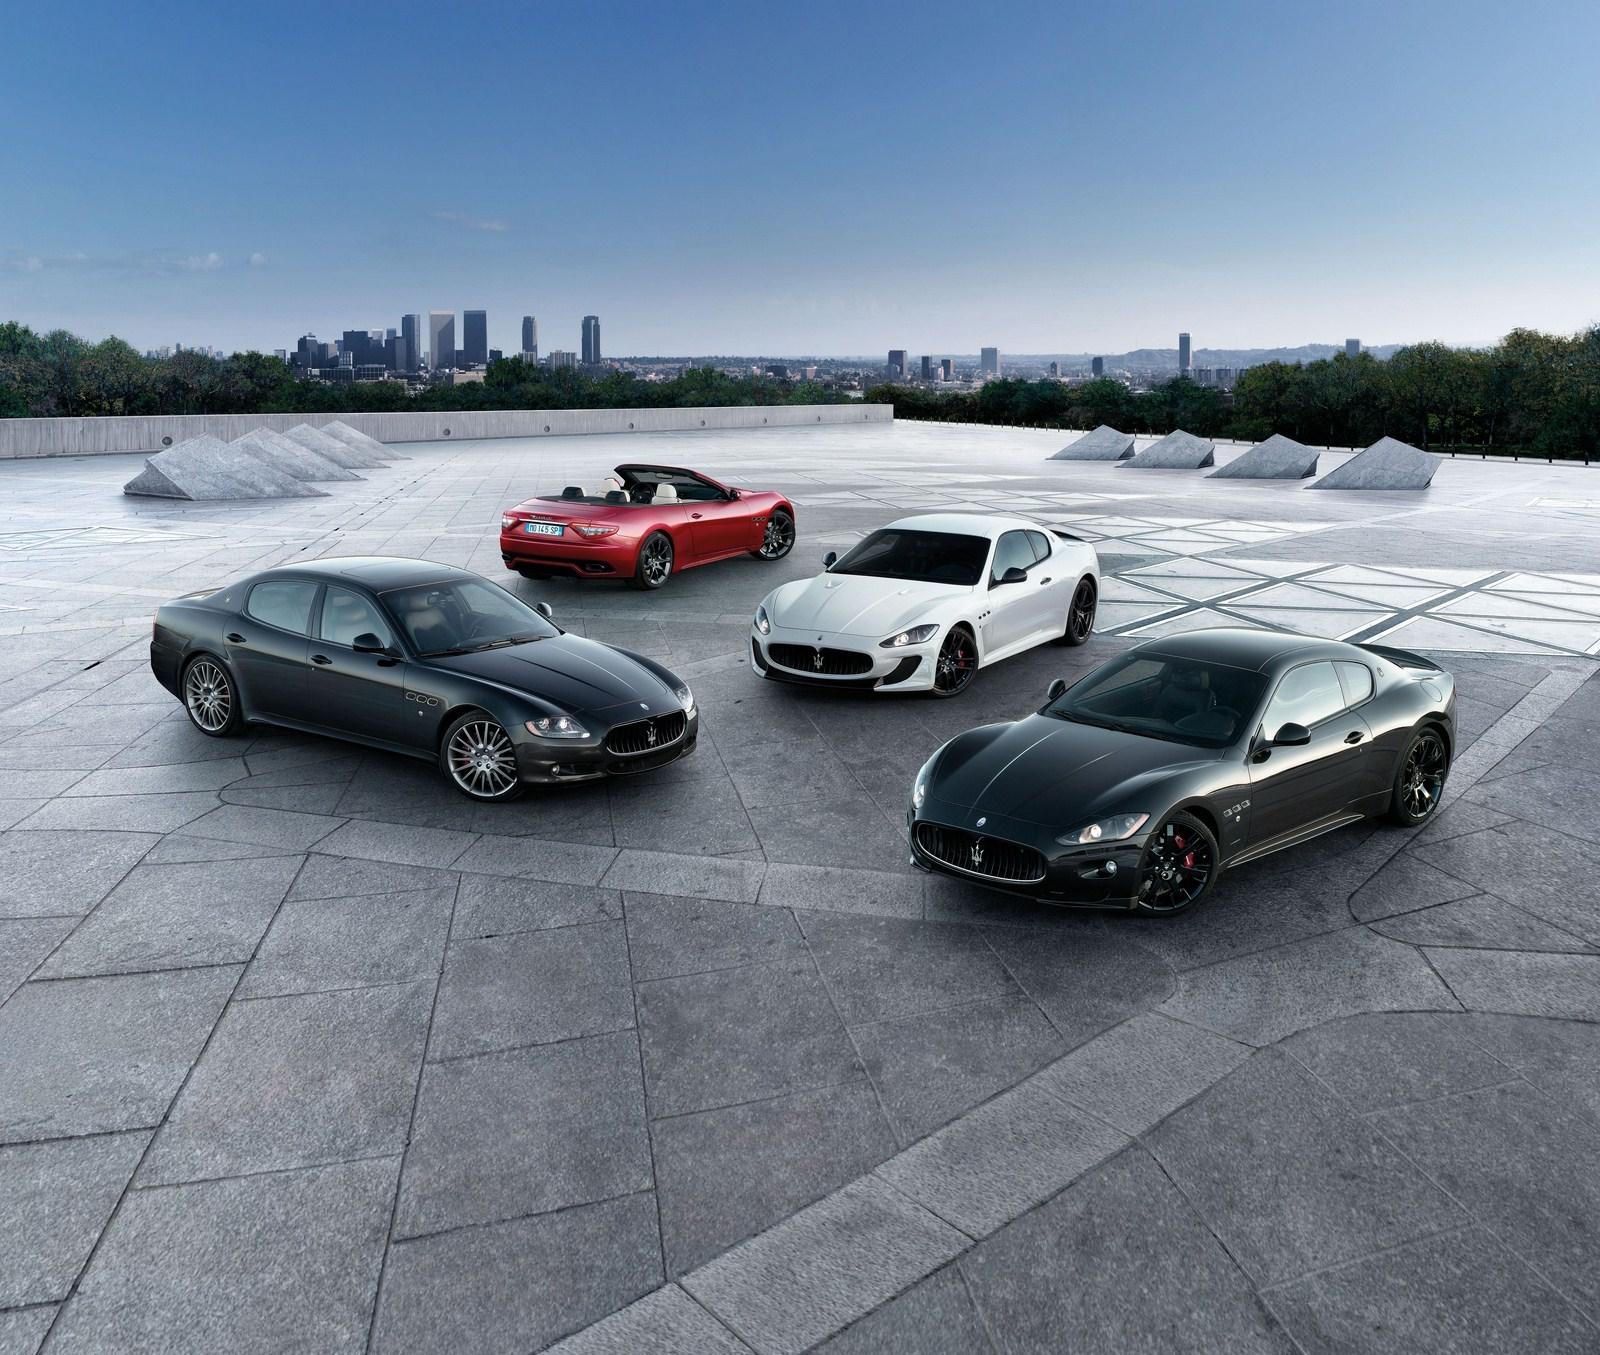 2015 Maserati GranCabrio Cars